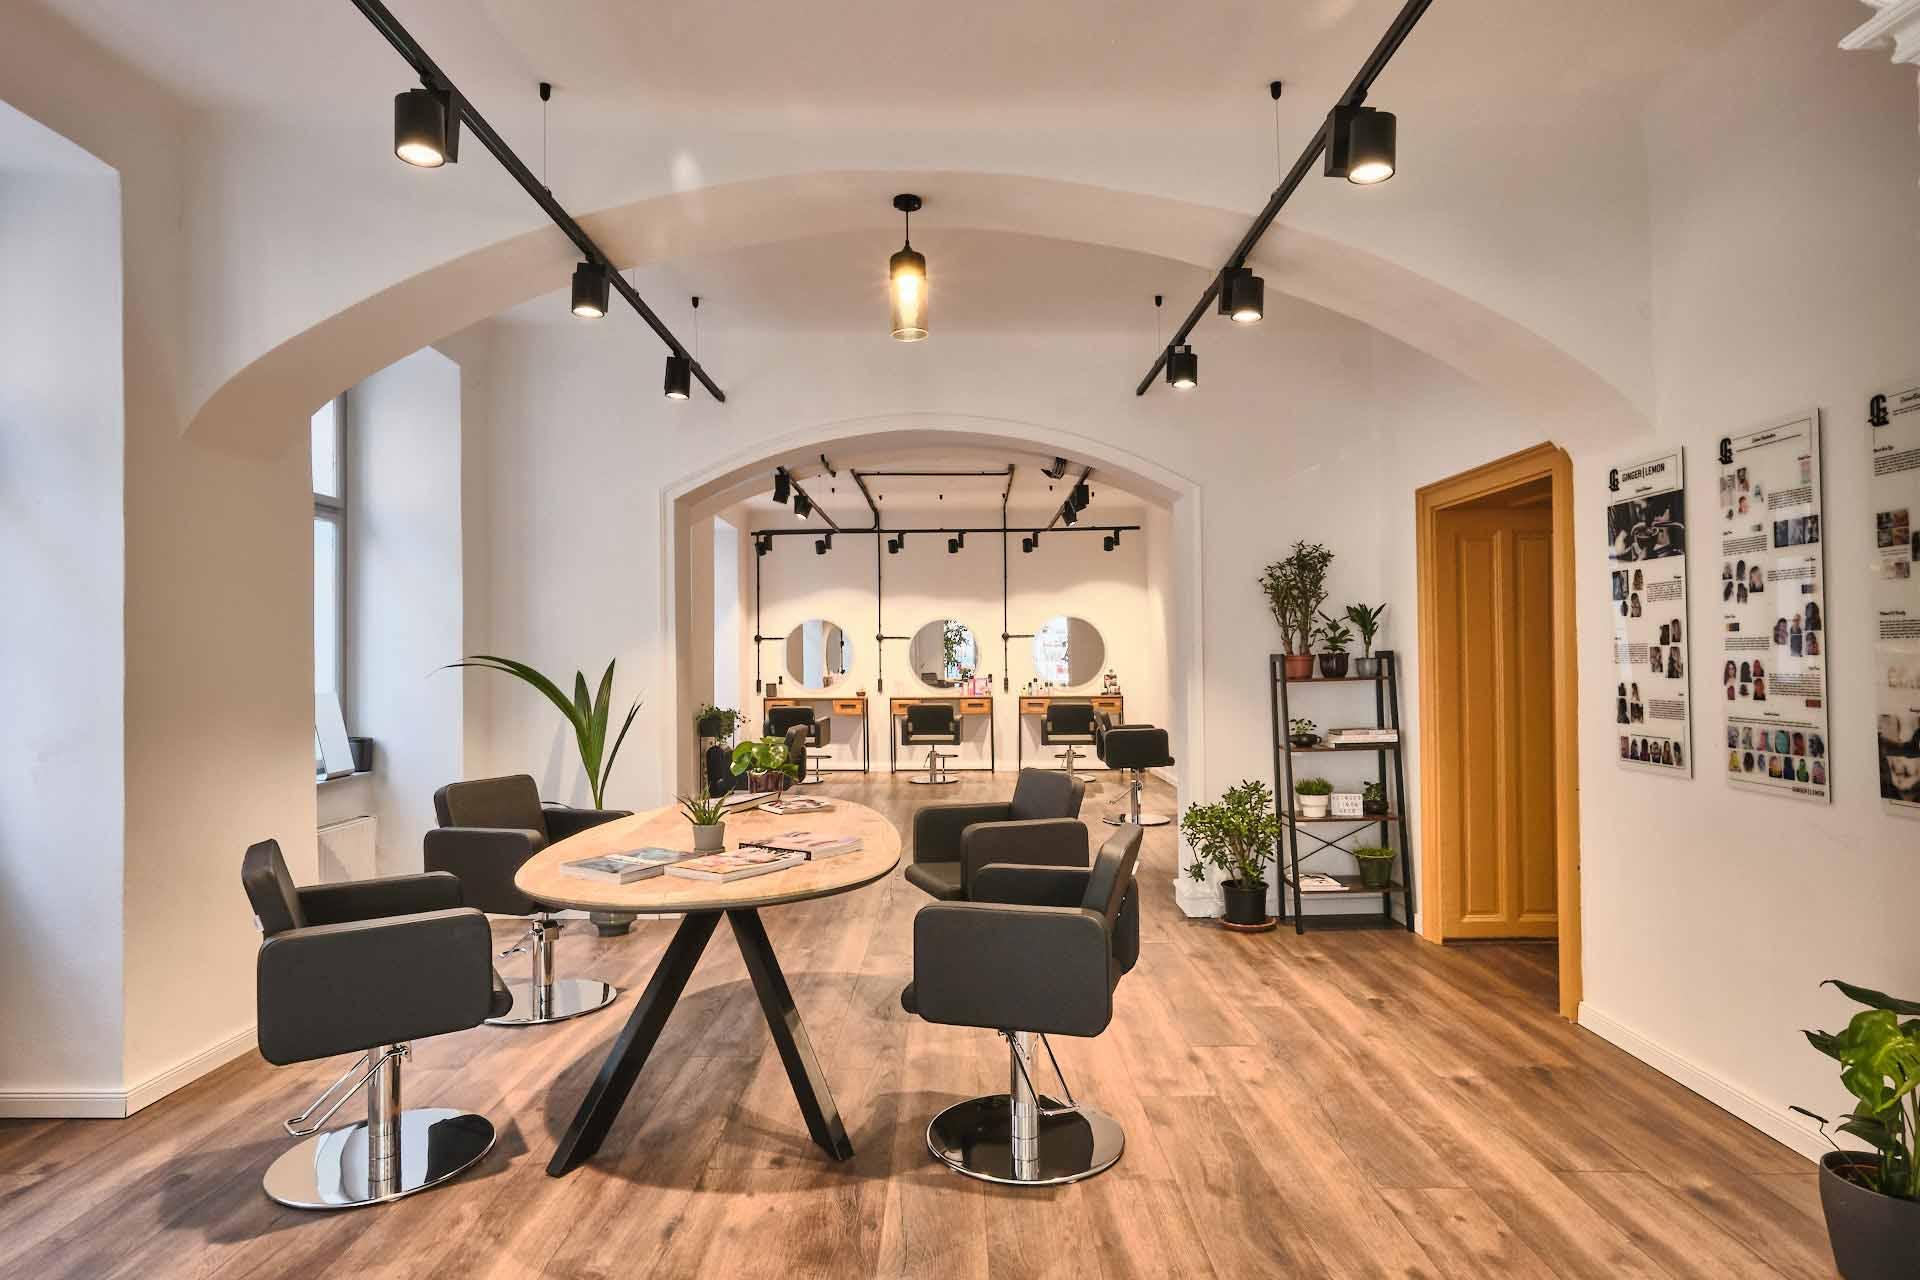 Interior+design+pinterest+GingerL+emon+hairspace+hairdresser+friseur+danny+farbspezialist+balayage+strähnchenwien+vienna+flagship+store+newflag+.jpg